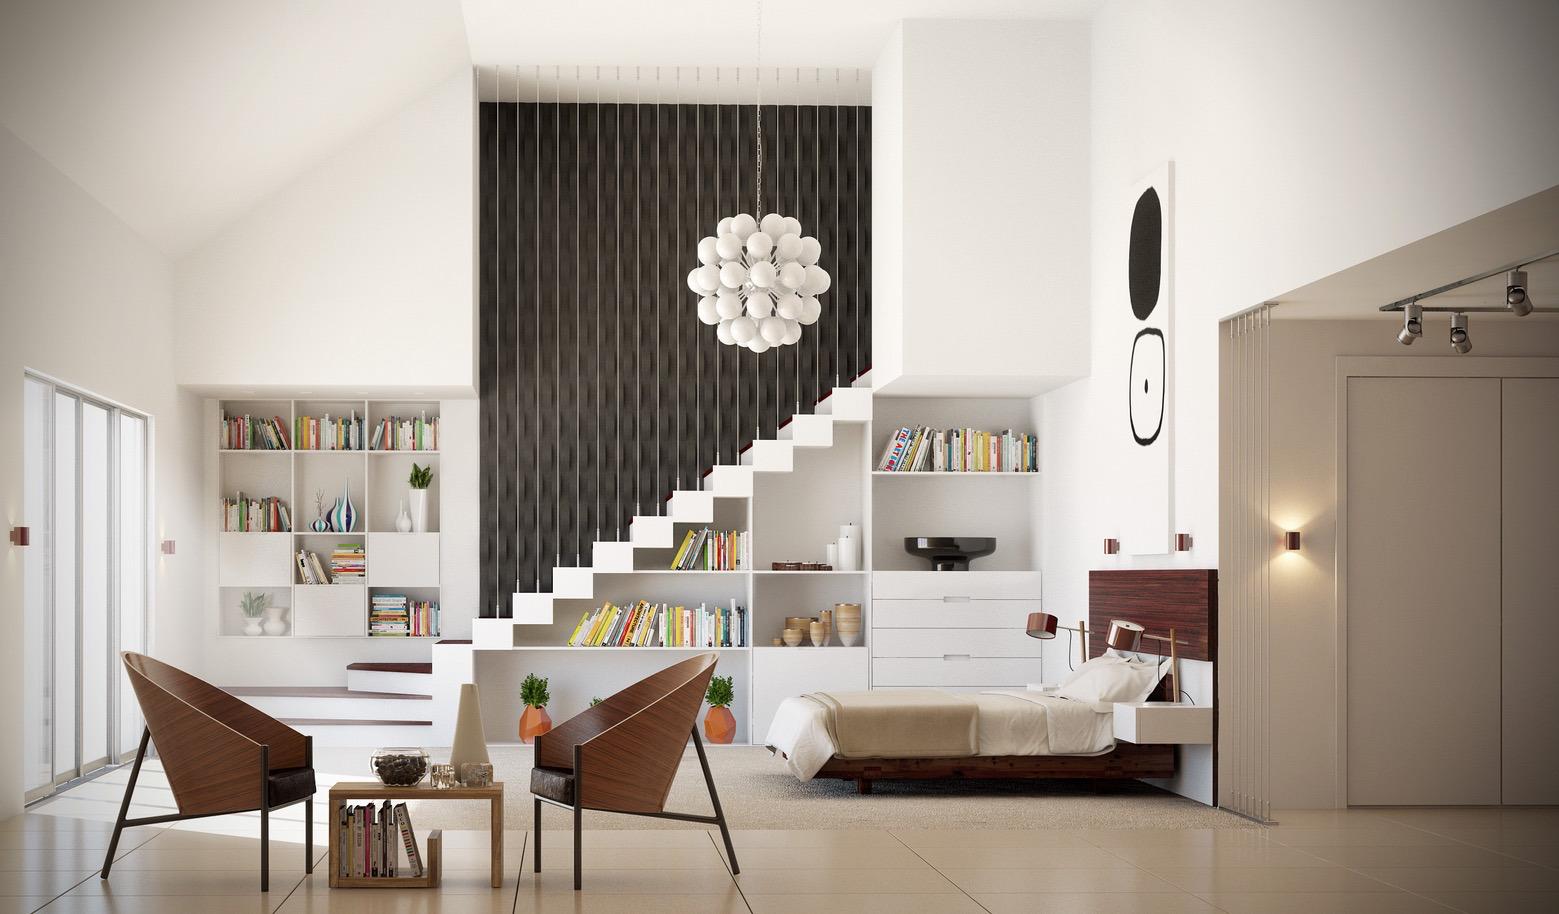 تصميم شقة من غرفة واحدة 42 مربع م 31 صور مشروع مع تخطيط ممتاز أفكار التصميم الداخلي مثيرة للاهتمام